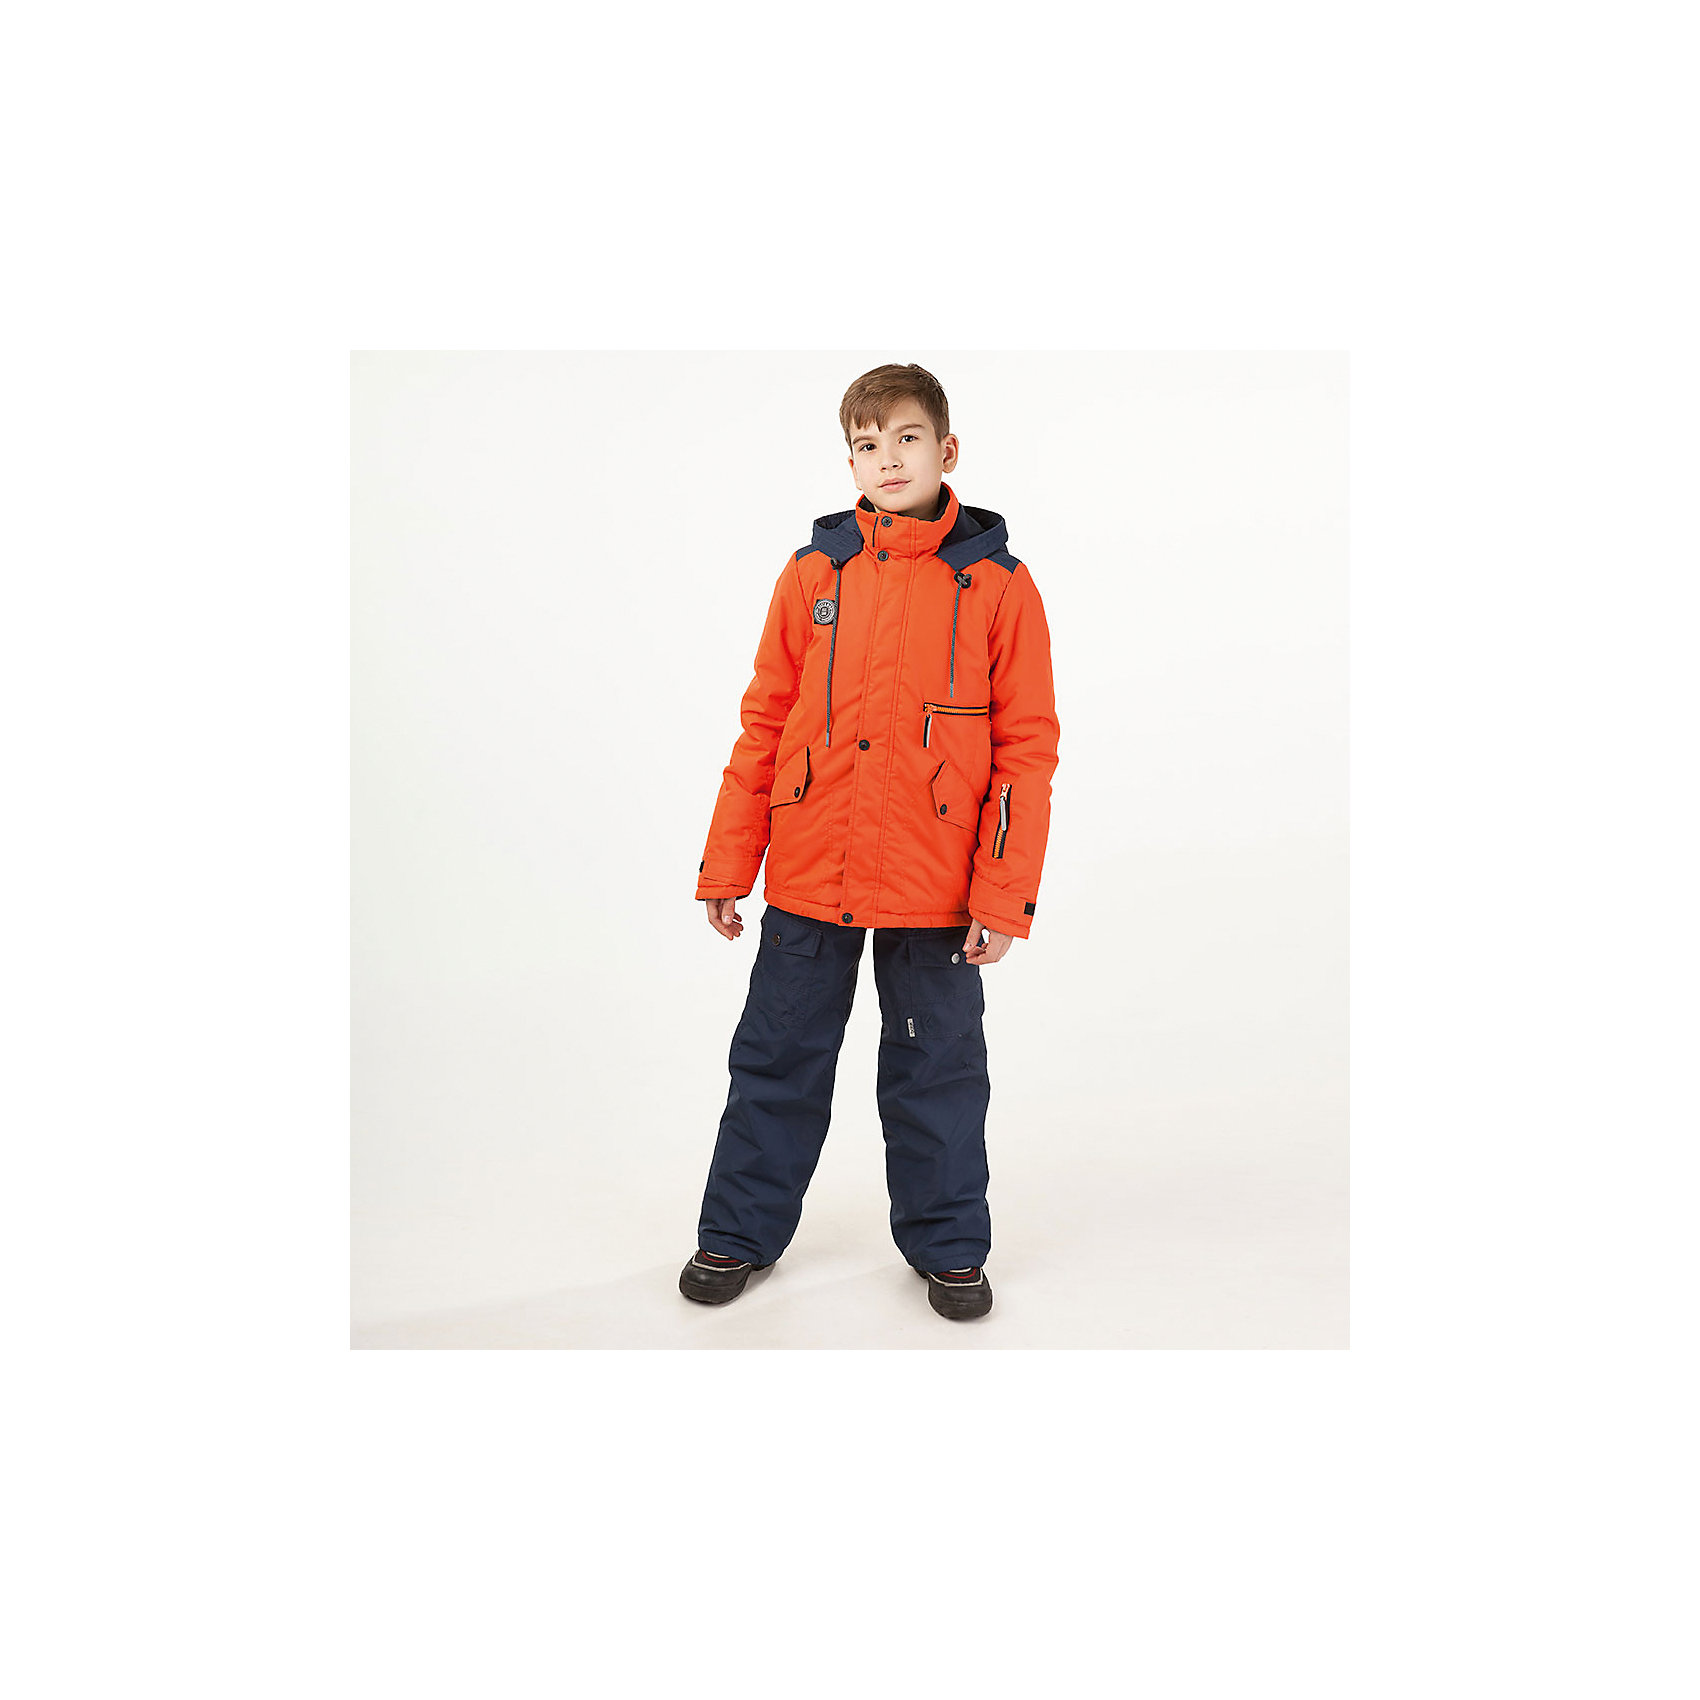 Комплект: куртка и полукомбенизон Марс Batik для мальчикаВерхняя одежда<br>Комплект: куртка и полукомбенизон Марс Batik для мальчика<br>Верхняя ткань обладает водоотталкивающими и ветрозащитными свойствами мембраны. Полукомбинезон с отстегивающимися лямками. Куртка на молнии с ветрозащитной планкой и юбкой внутри, светоотражающими элементами и капюшон на молнии.<br>Состав:<br>Ткань верха - TASLON OXFORD;  Утеплитель - Слайтекс 250;  Подкладка - Полар флис;<br><br>Ширина мм: 356<br>Глубина мм: 10<br>Высота мм: 245<br>Вес г: 519<br>Цвет: оранжевый<br>Возраст от месяцев: 144<br>Возраст до месяцев: 156<br>Пол: Мужской<br>Возраст: Детский<br>Размер: 158,152,146<br>SKU: 7028377